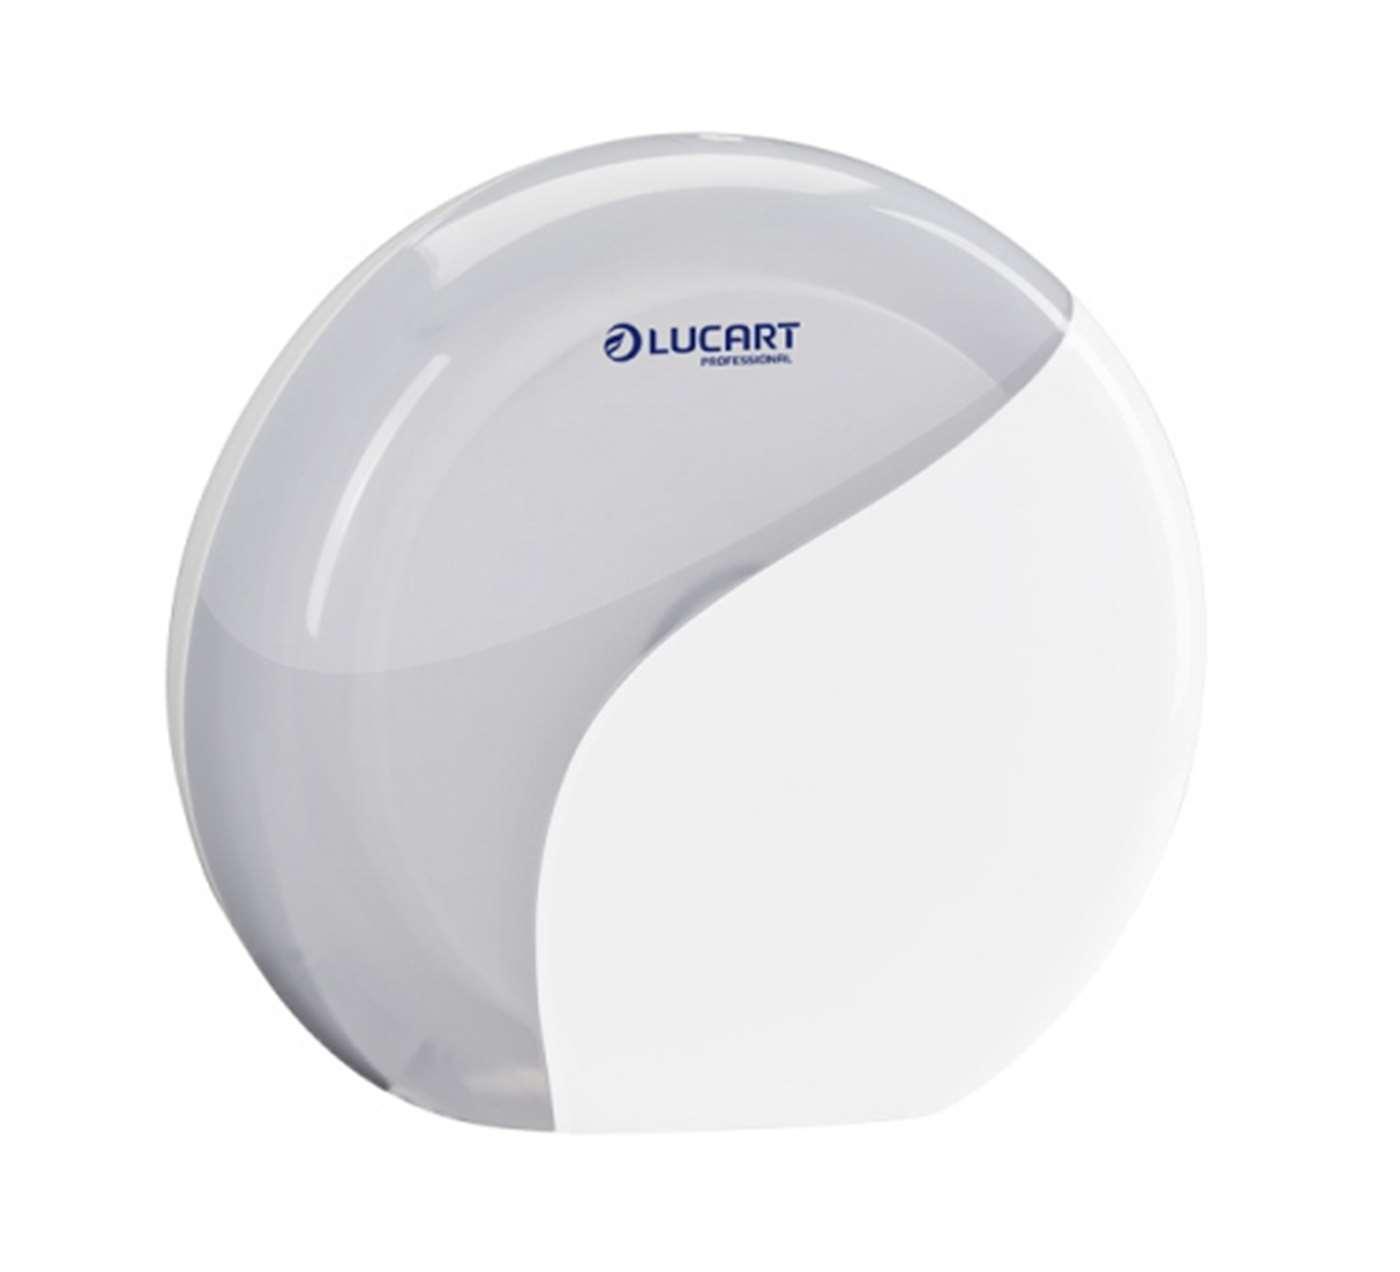 Lucart IDENTITY Standard Jumbo Dispenser